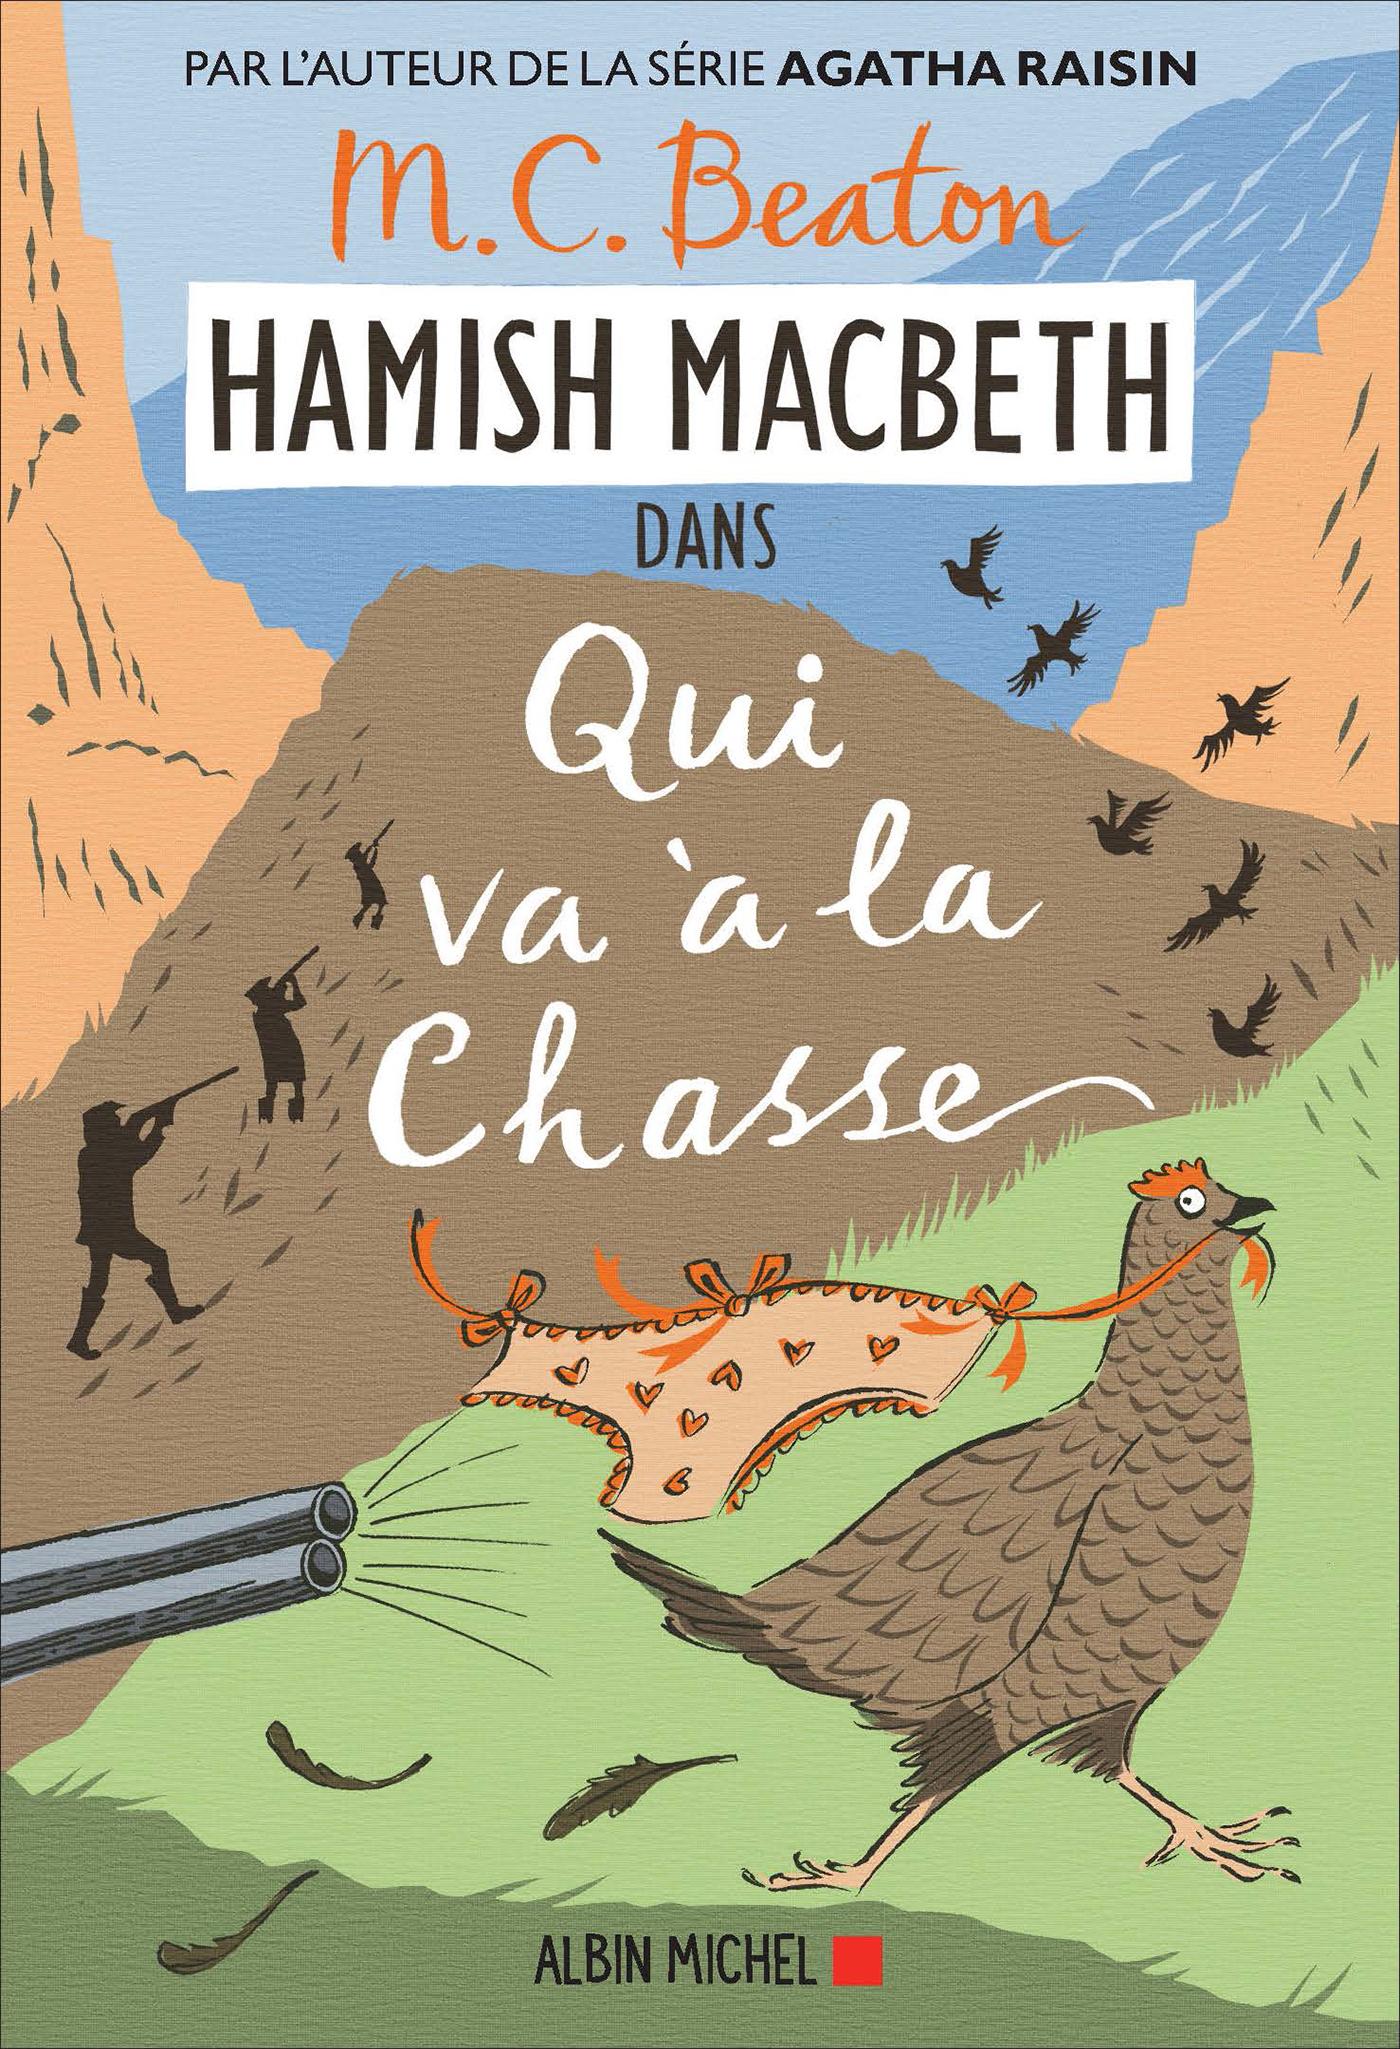 Hamish Macbeth 2 - Qui va à la chasse | Beaton, M. C.. Auteur